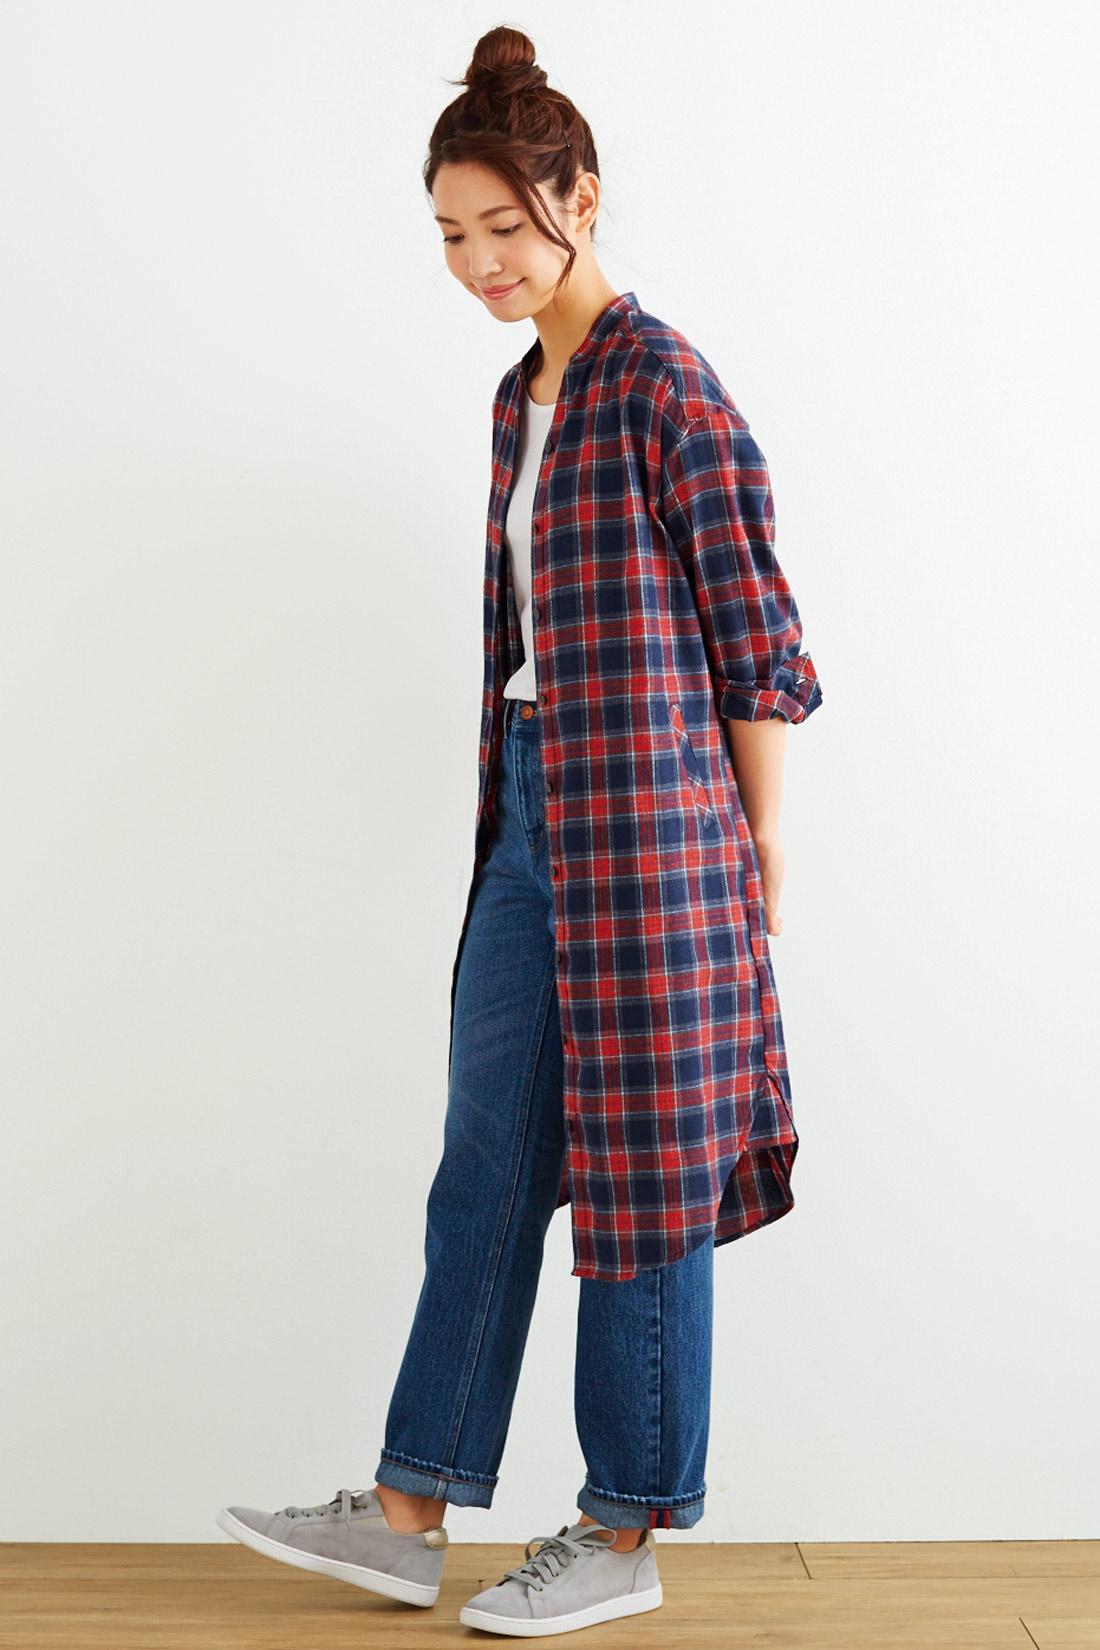 Tシャツの上にはおって、寒くなる前のコート代わりにも。